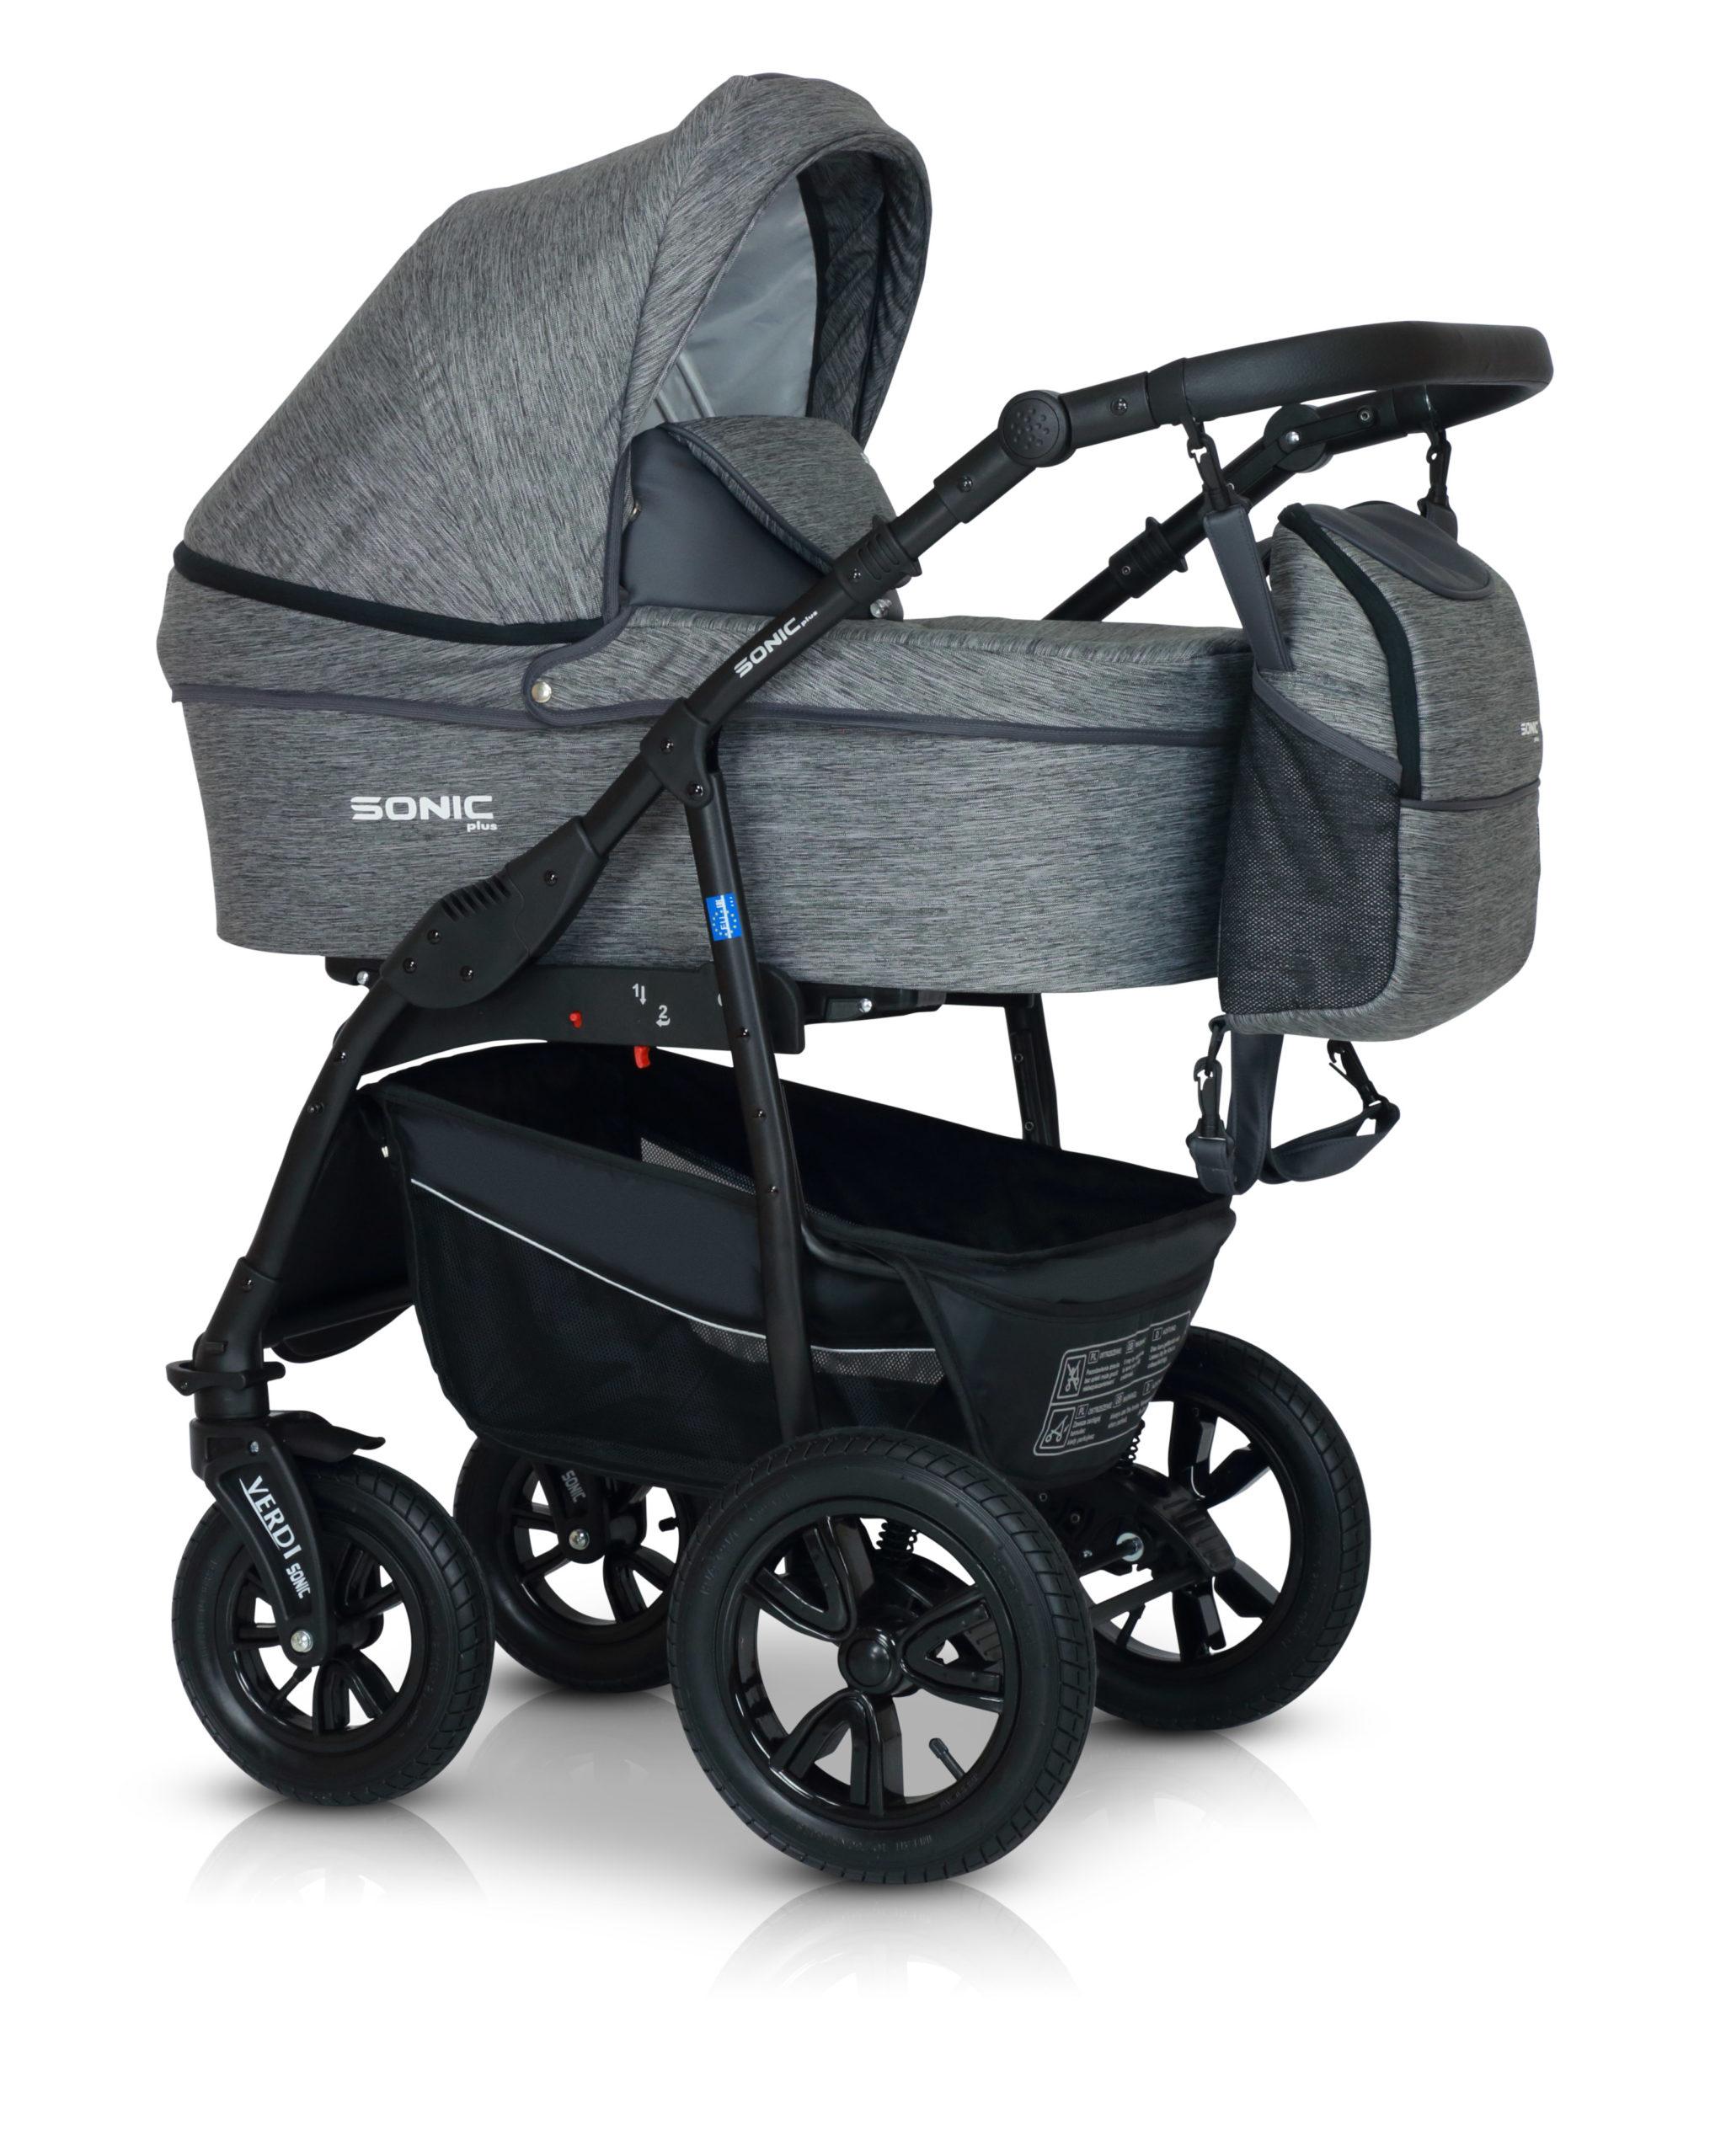 Детская коляска Verdi Sonic Plus 3 в 1 (Темно-серый)